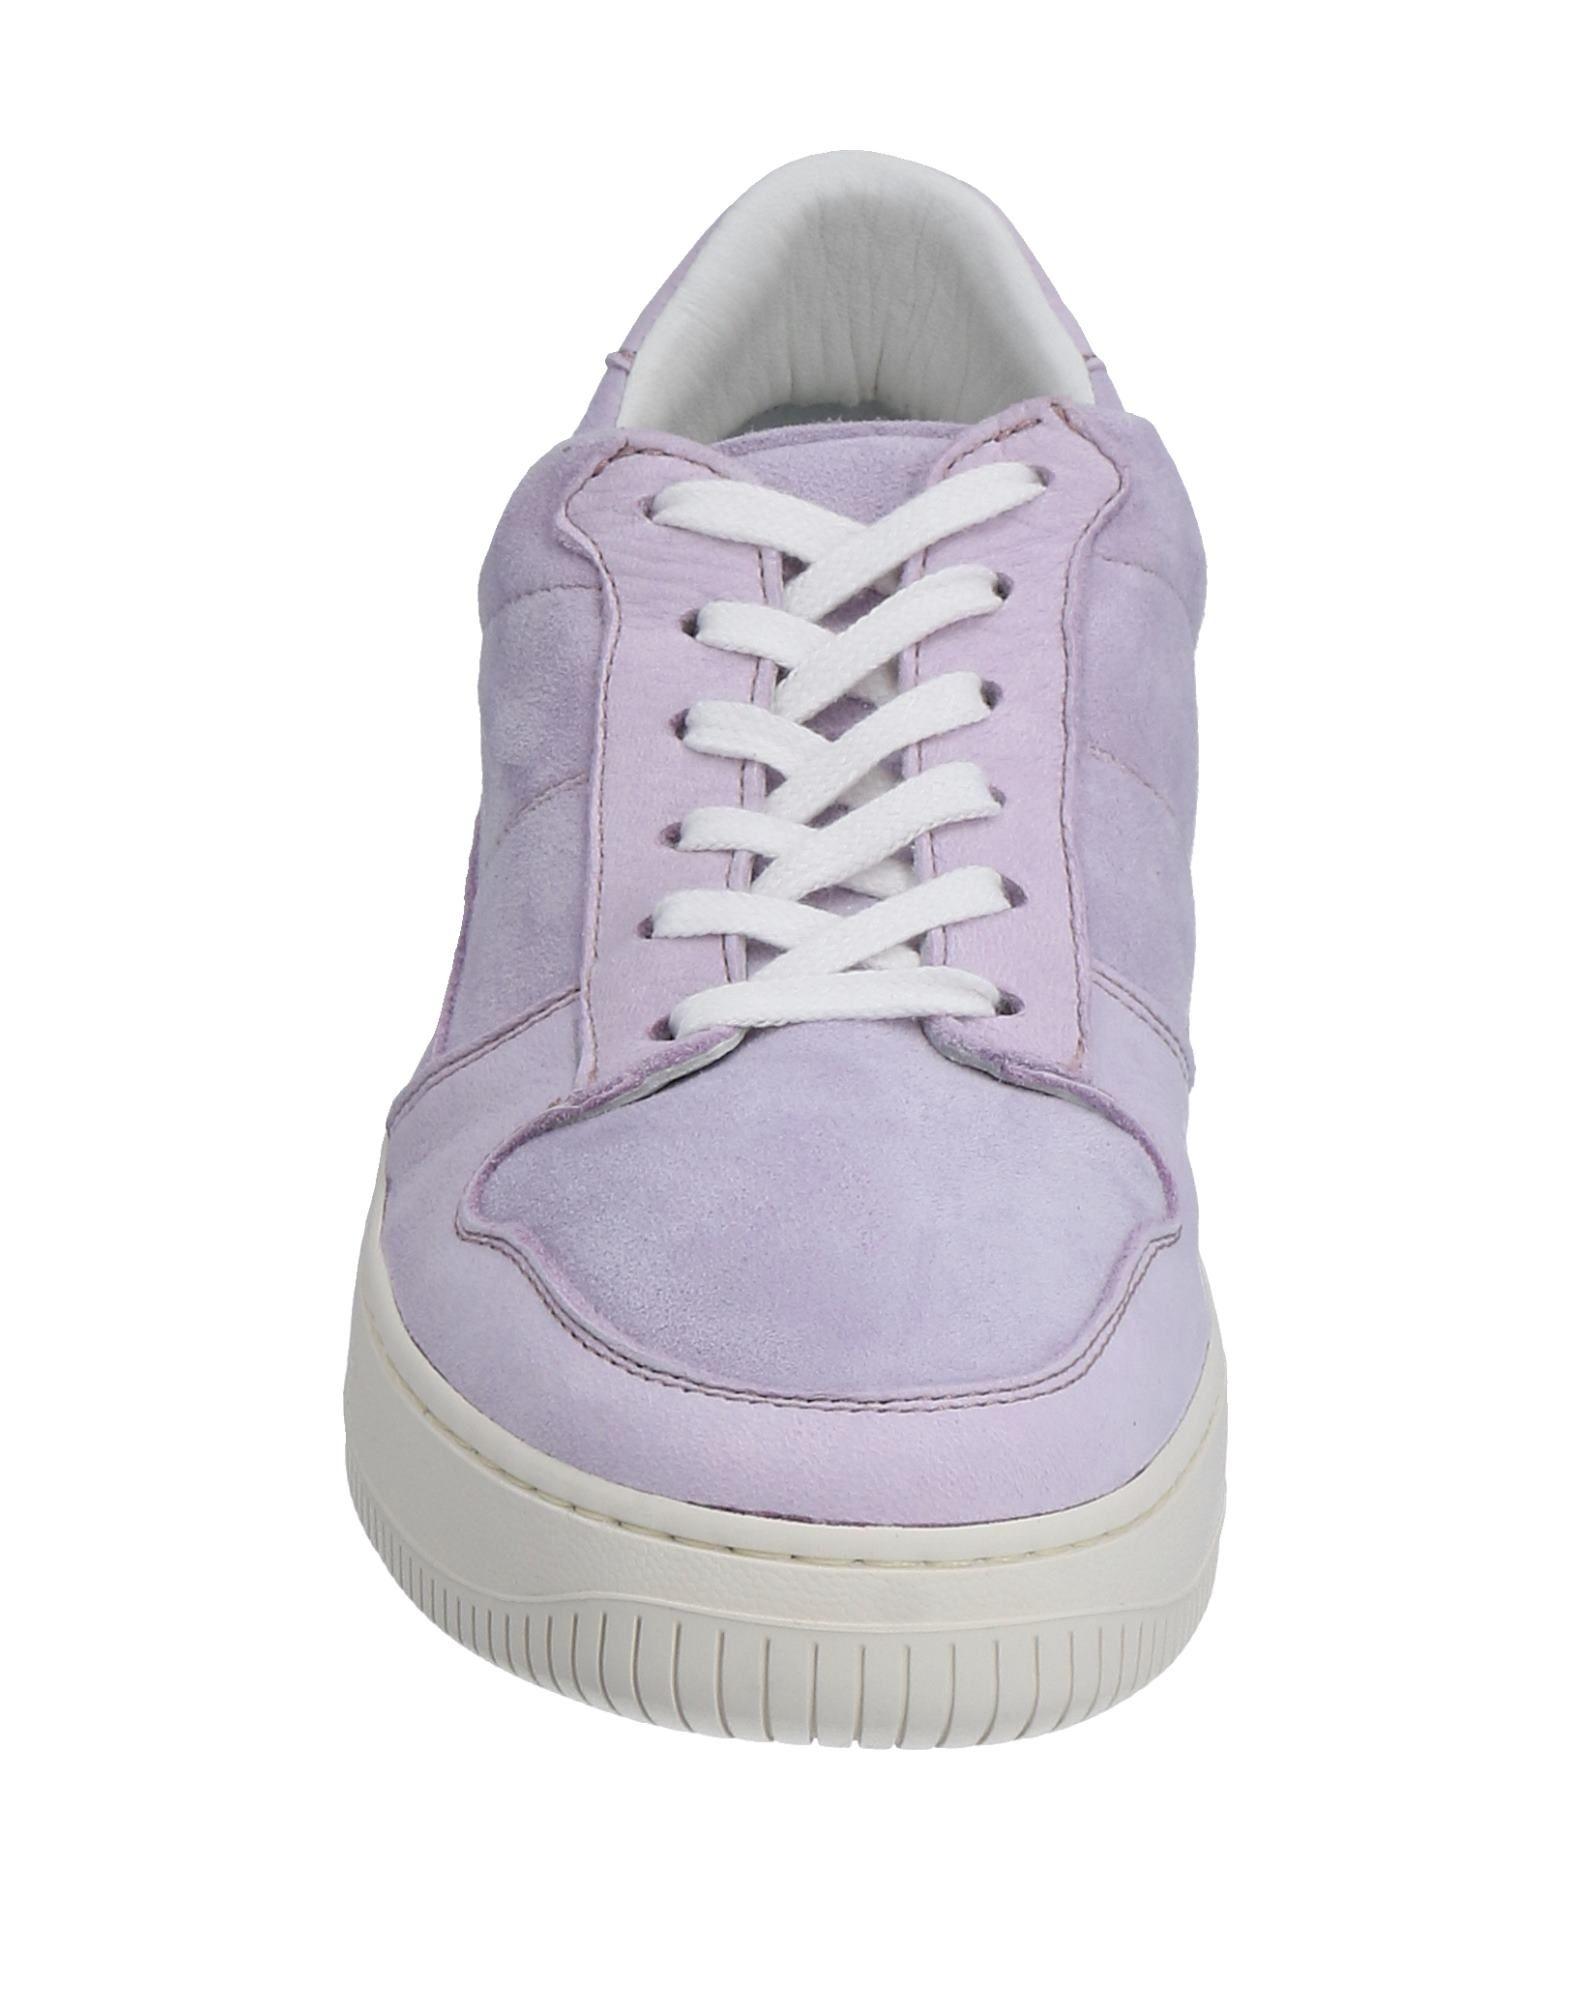 Diemme Sneakers Herren beliebte  11531748OJ Gute Qualität beliebte Herren Schuhe c8eff0